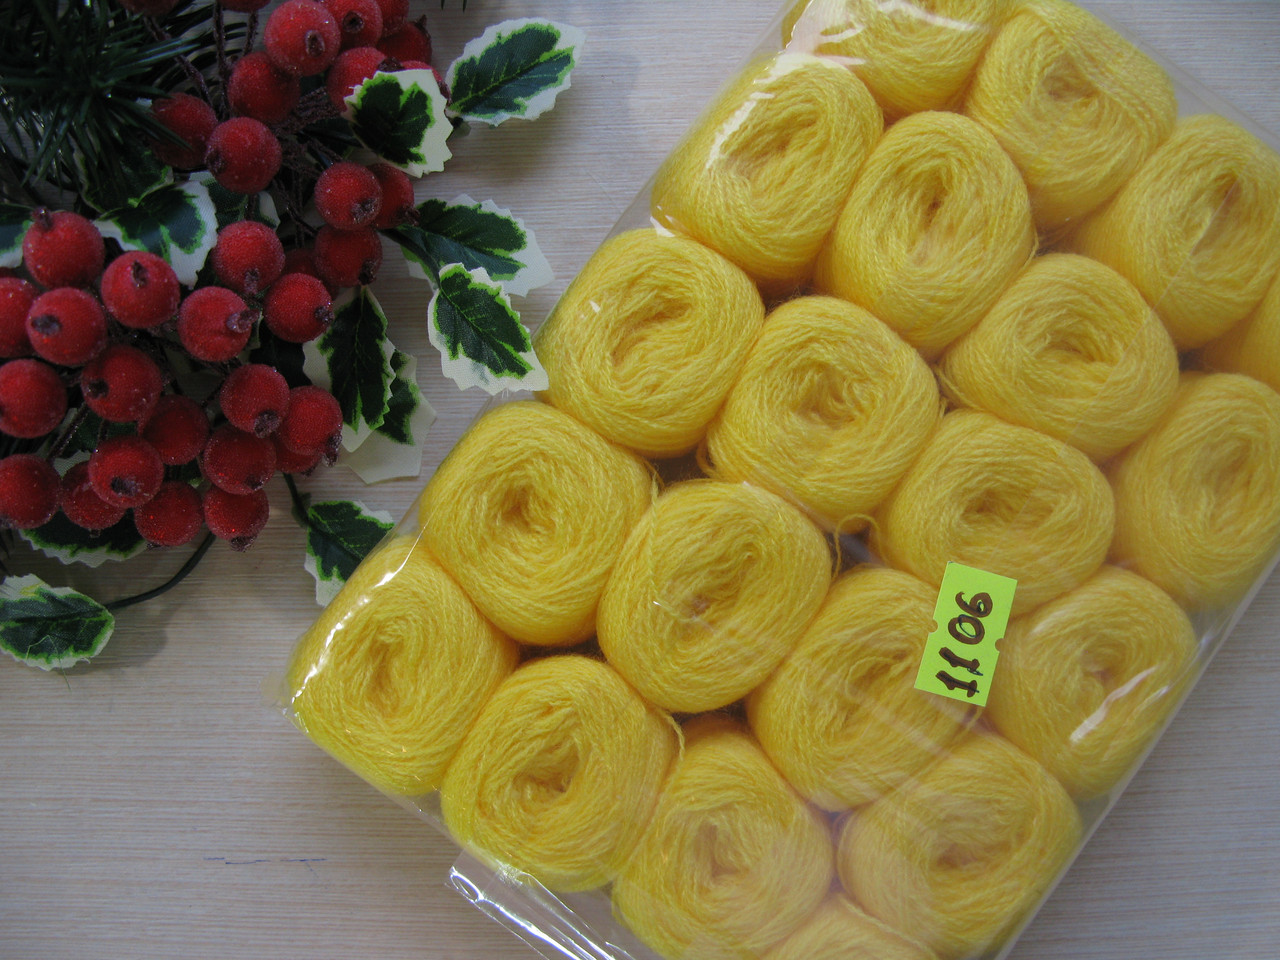 Нитки акриловые цвет желтый - 5 грн моток